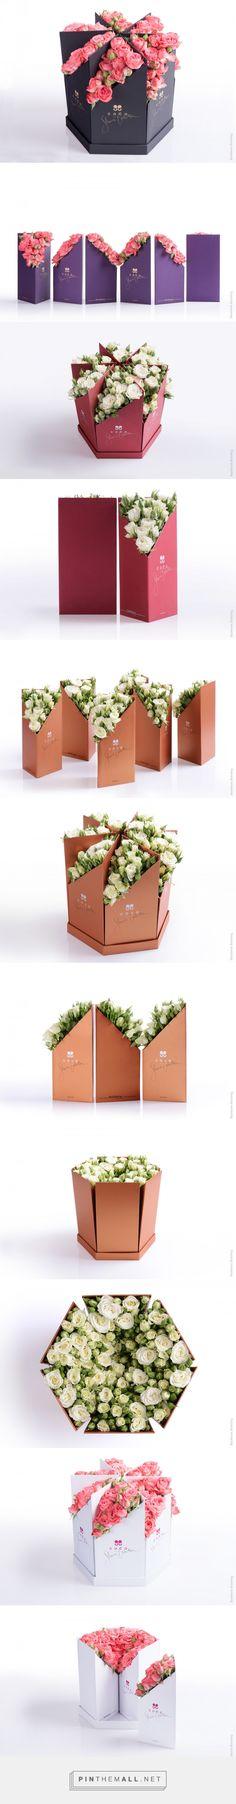 """Backbone Branding - Coco Fiori """"Share Collection"""""""